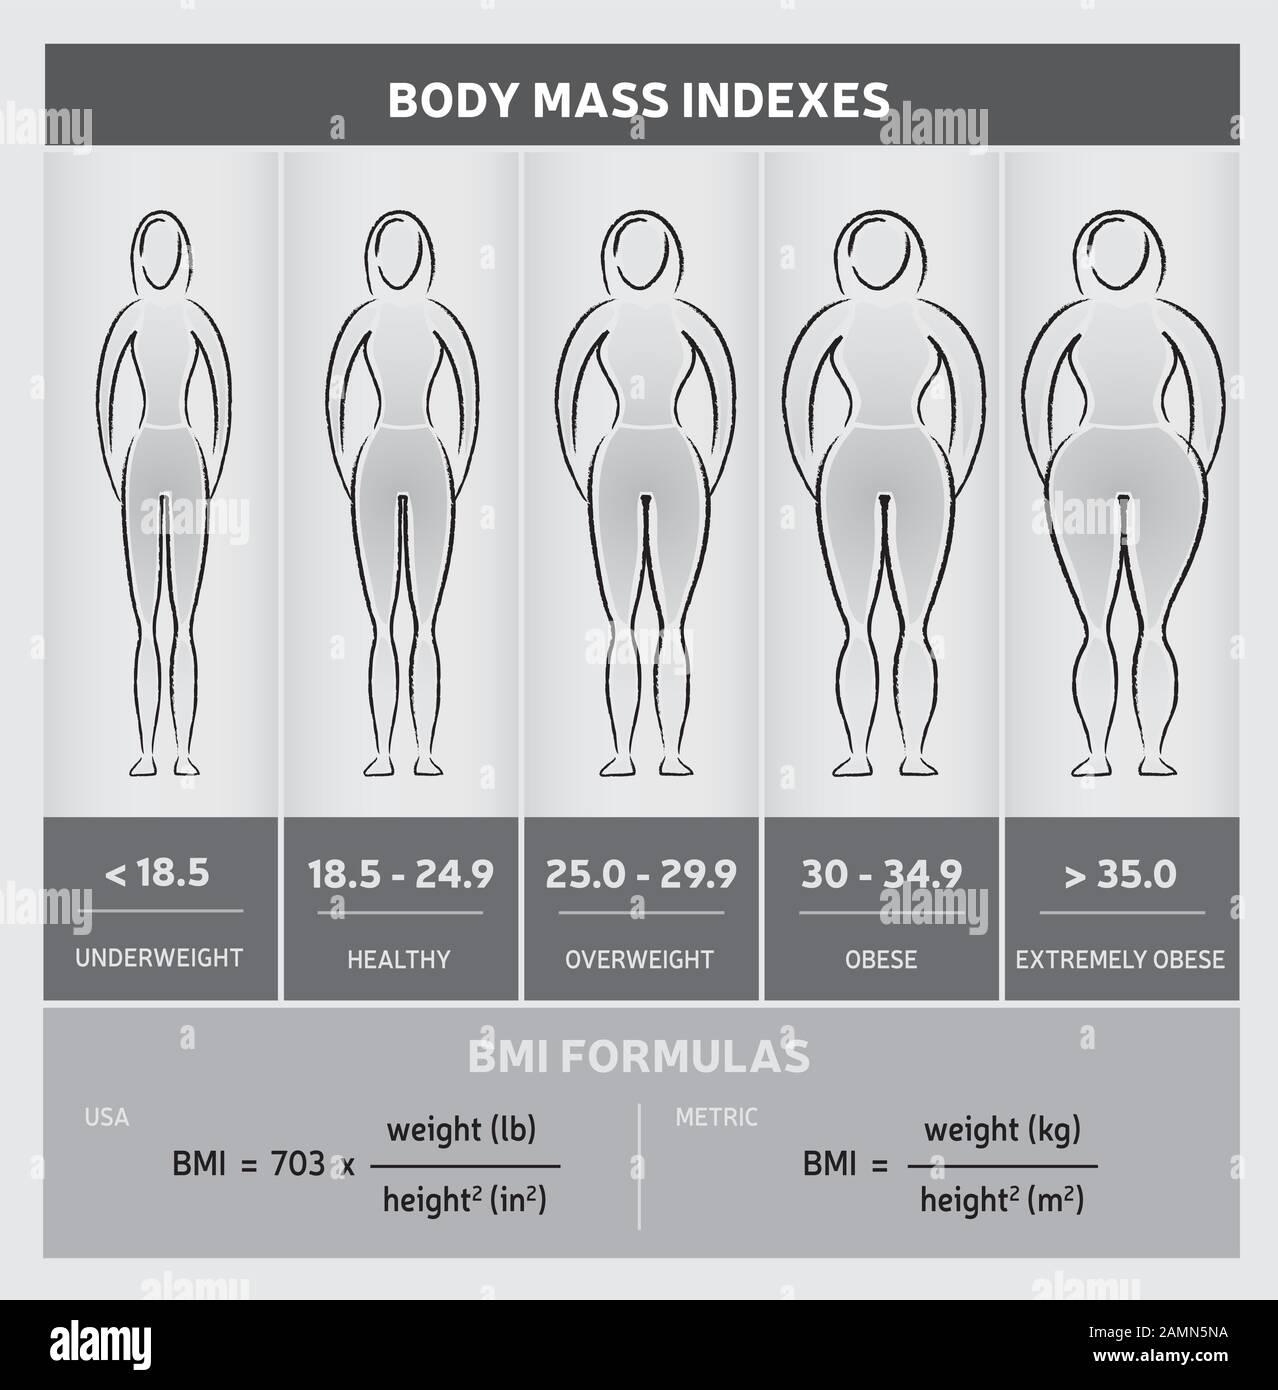 Female bmi 22 Body Mass